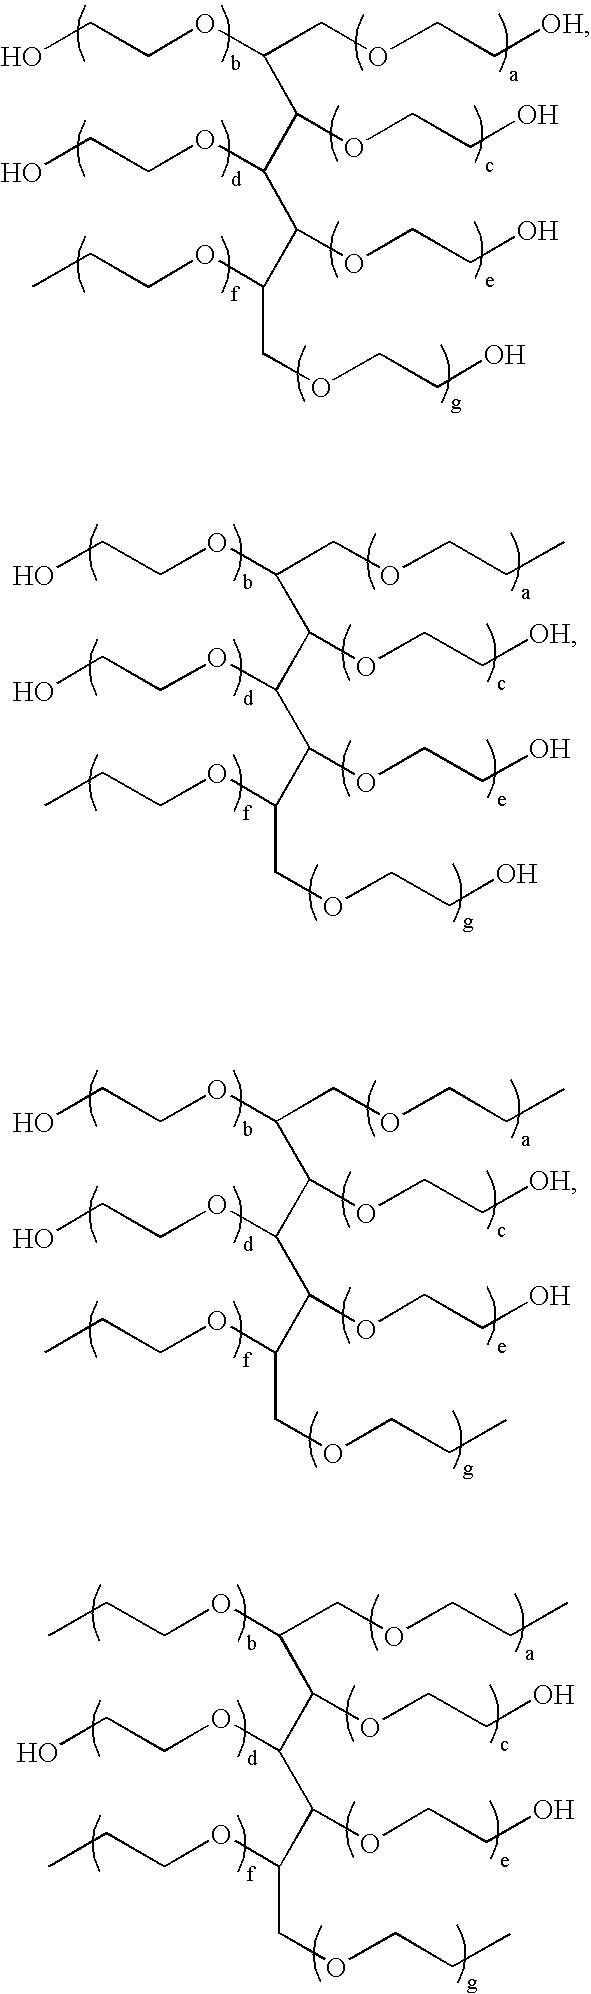 Figure US20060128830A1-20060615-C00002